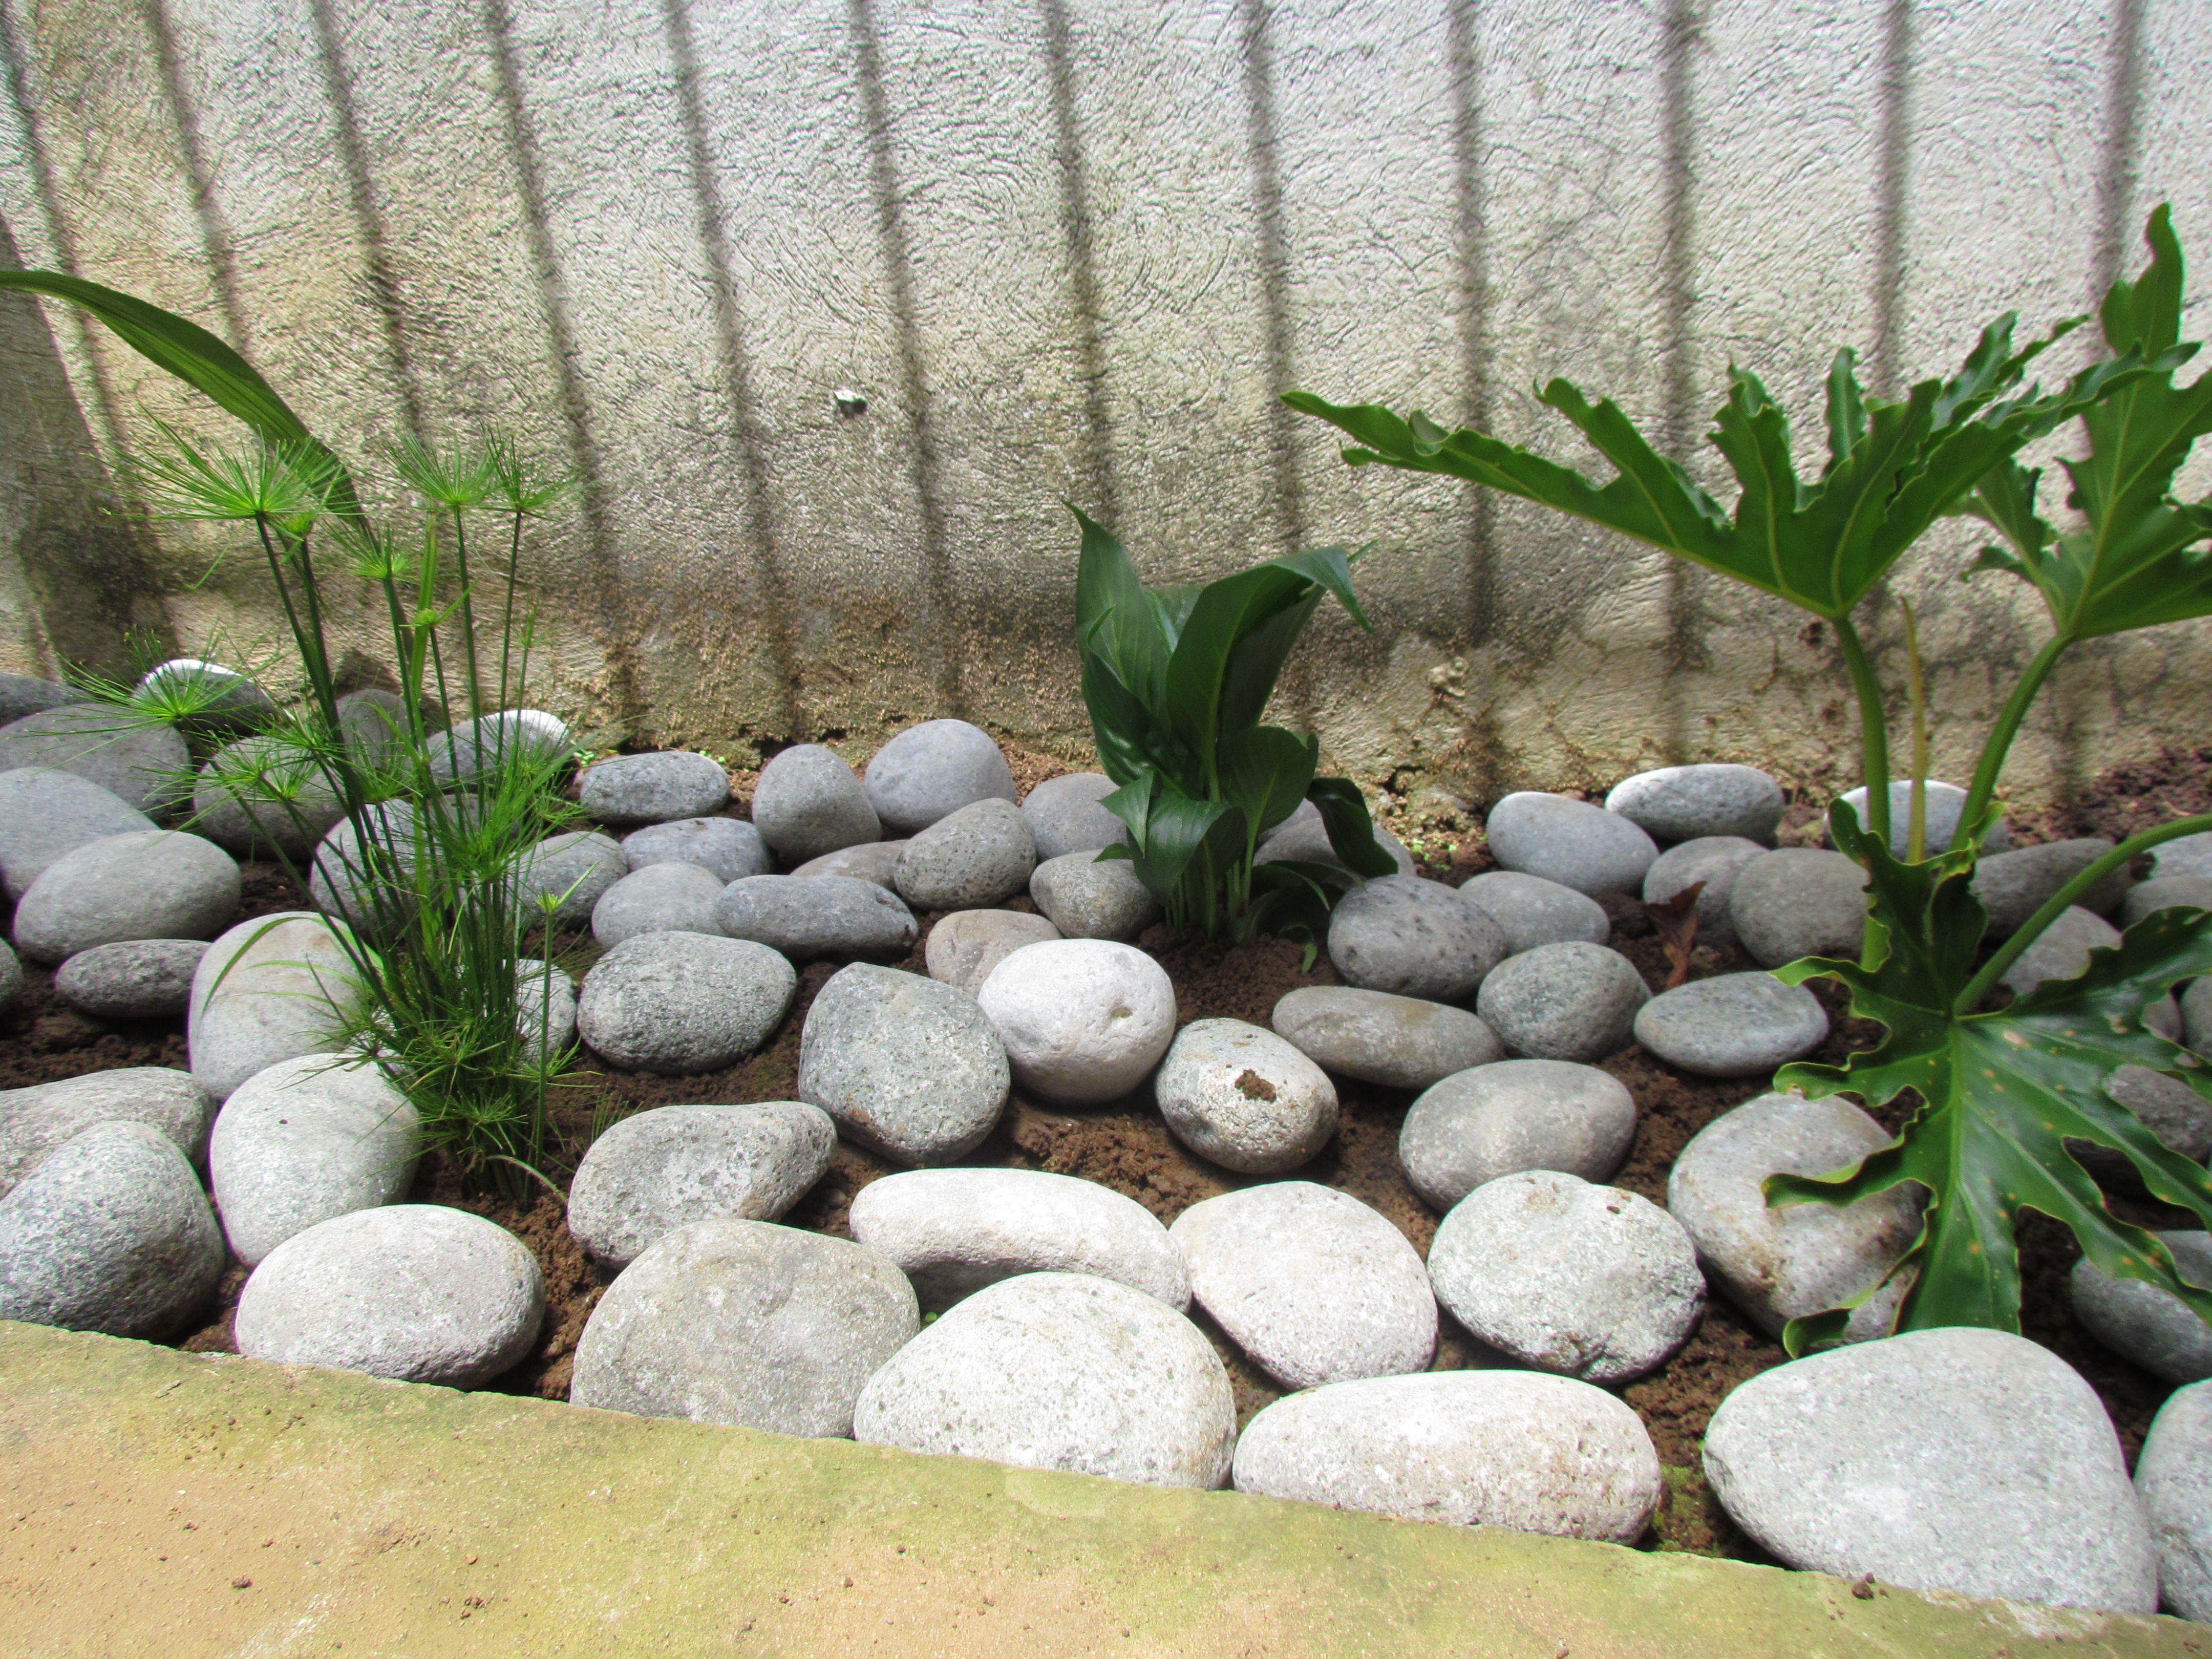 Jard n semi seco listo con las piedras de r o jardines for Piedras de rio para jardin